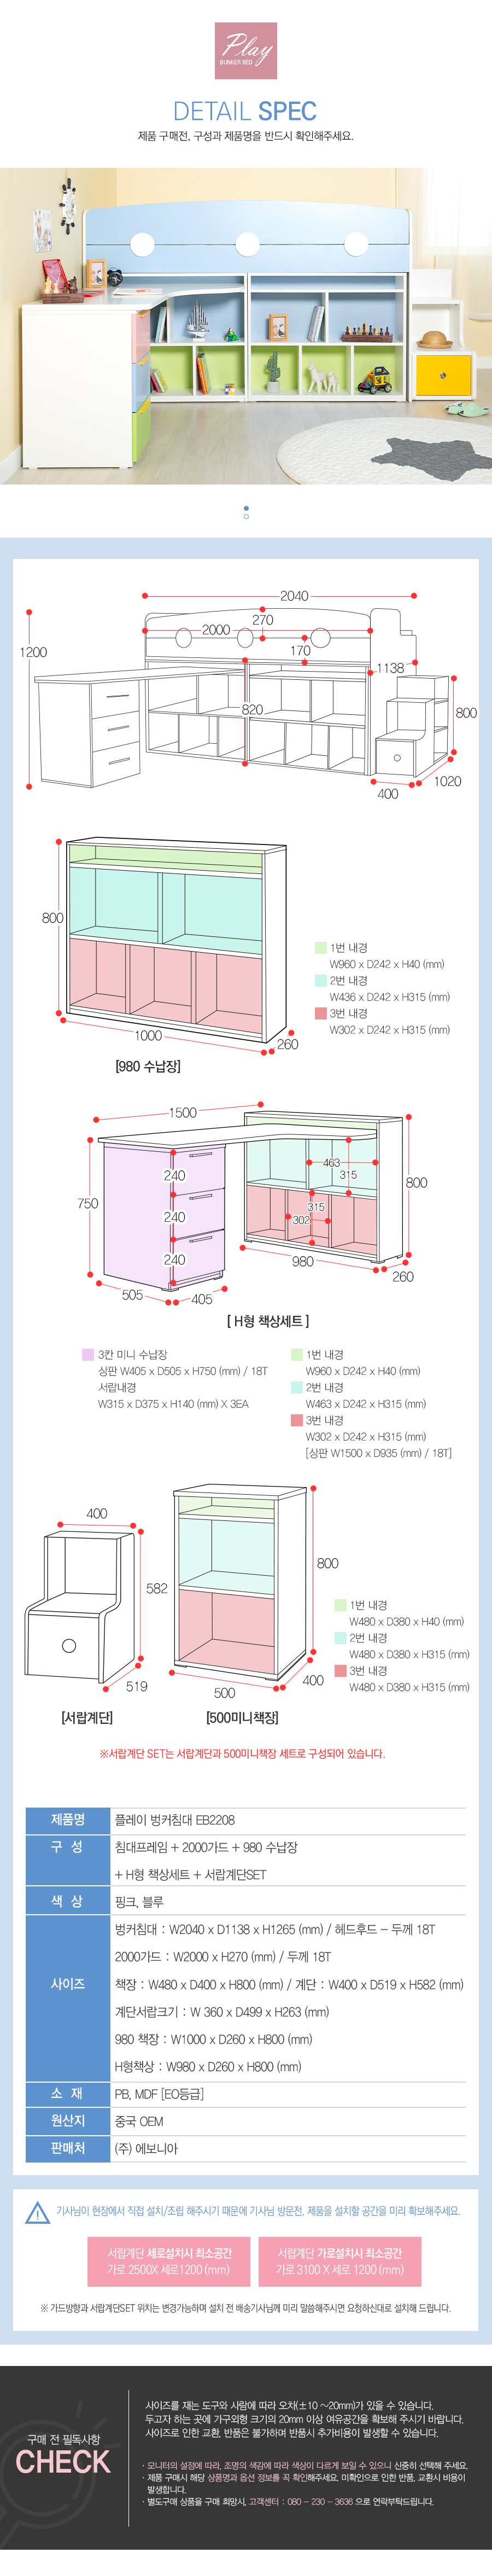 02-3_info.jpg